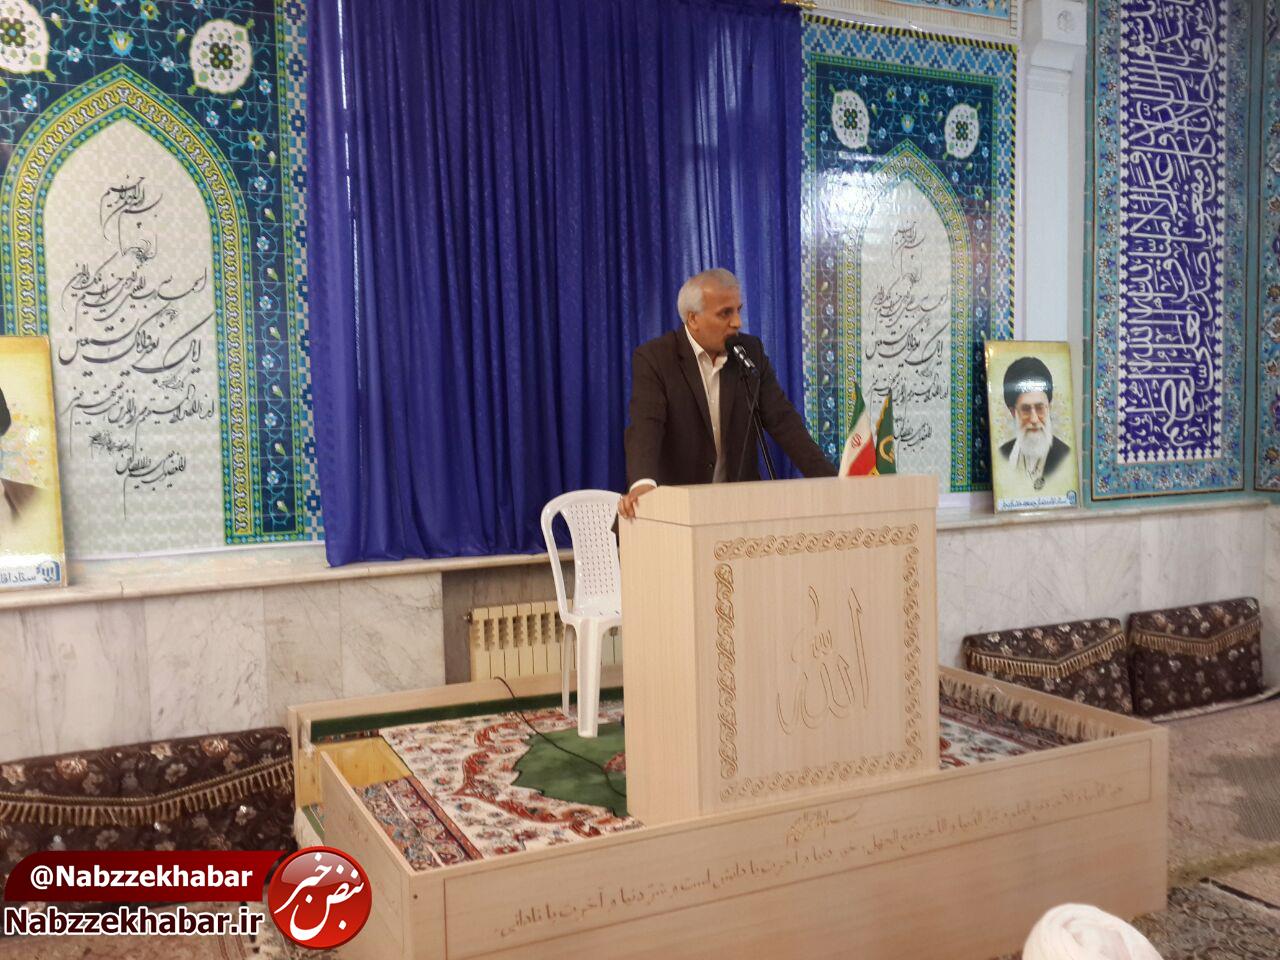 دکتر محمدصادق حسنی جوریابی در قسمتی از سخنرانی پیش از خطبه های نماز جمعه شهرخشکبیجار